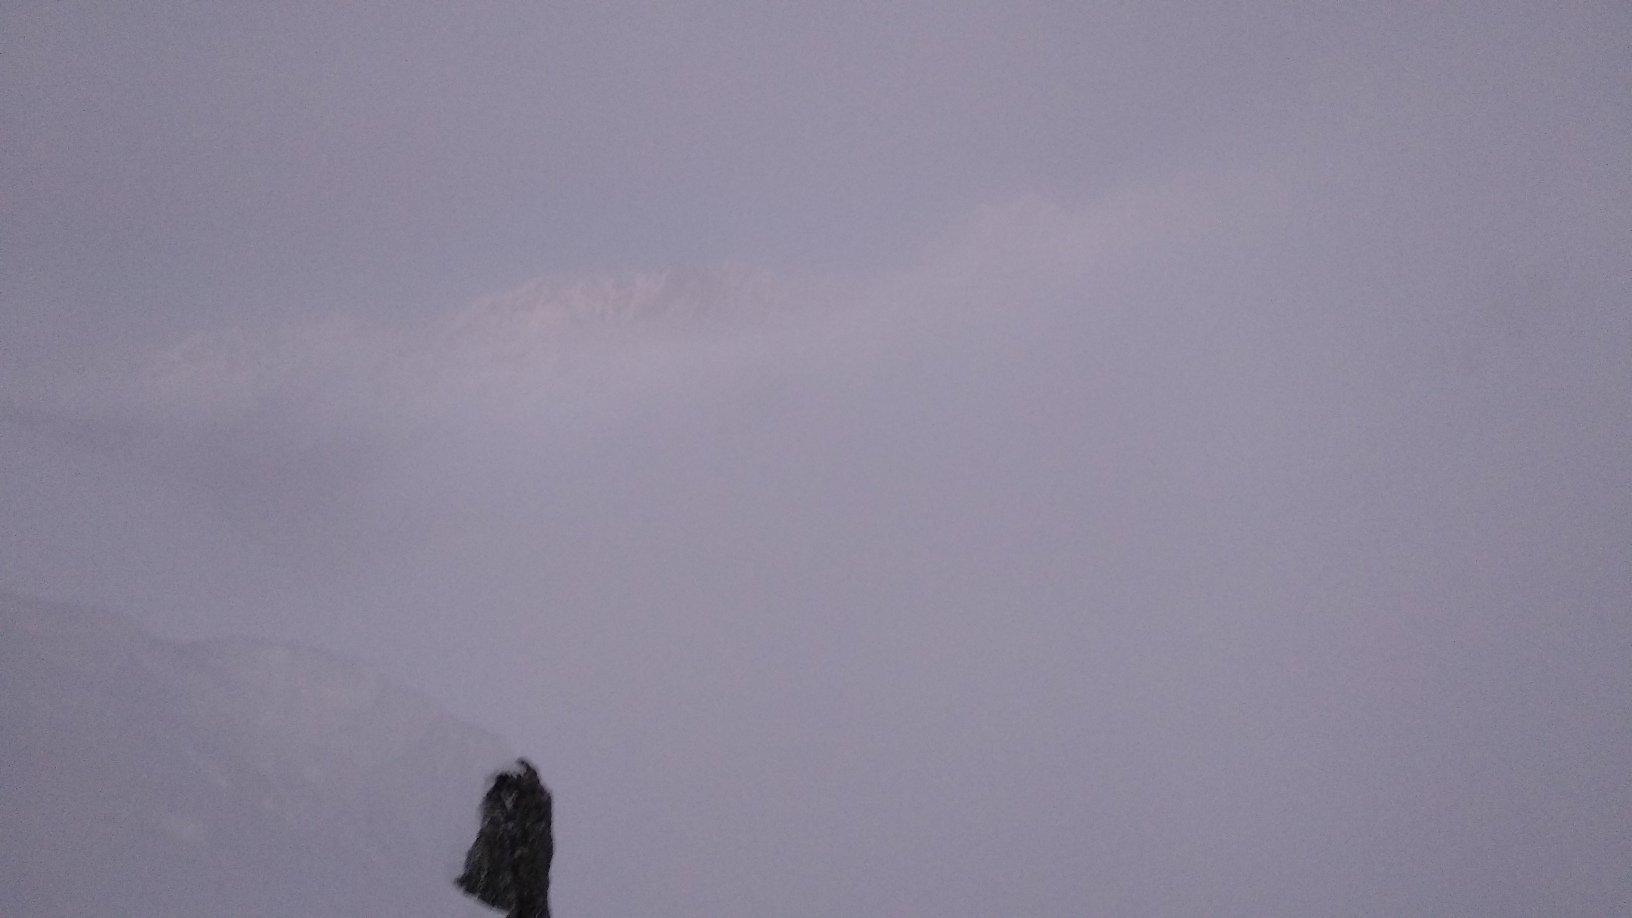 lato svizzero dal colle